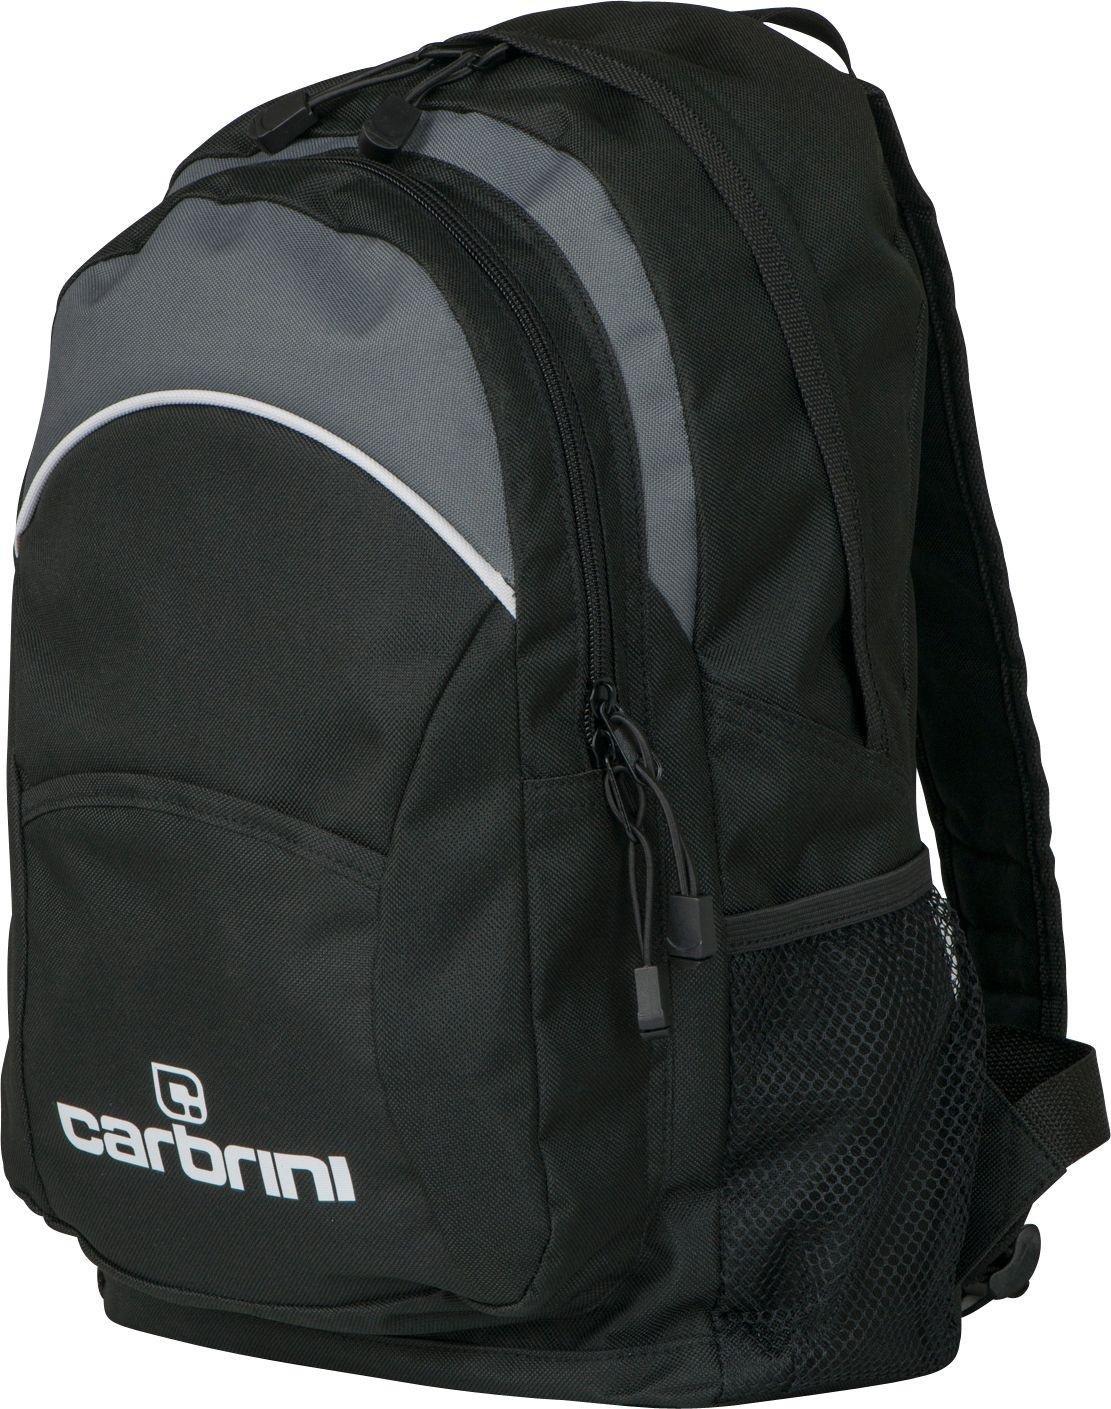 Image of Carbrini - Backpack - Black